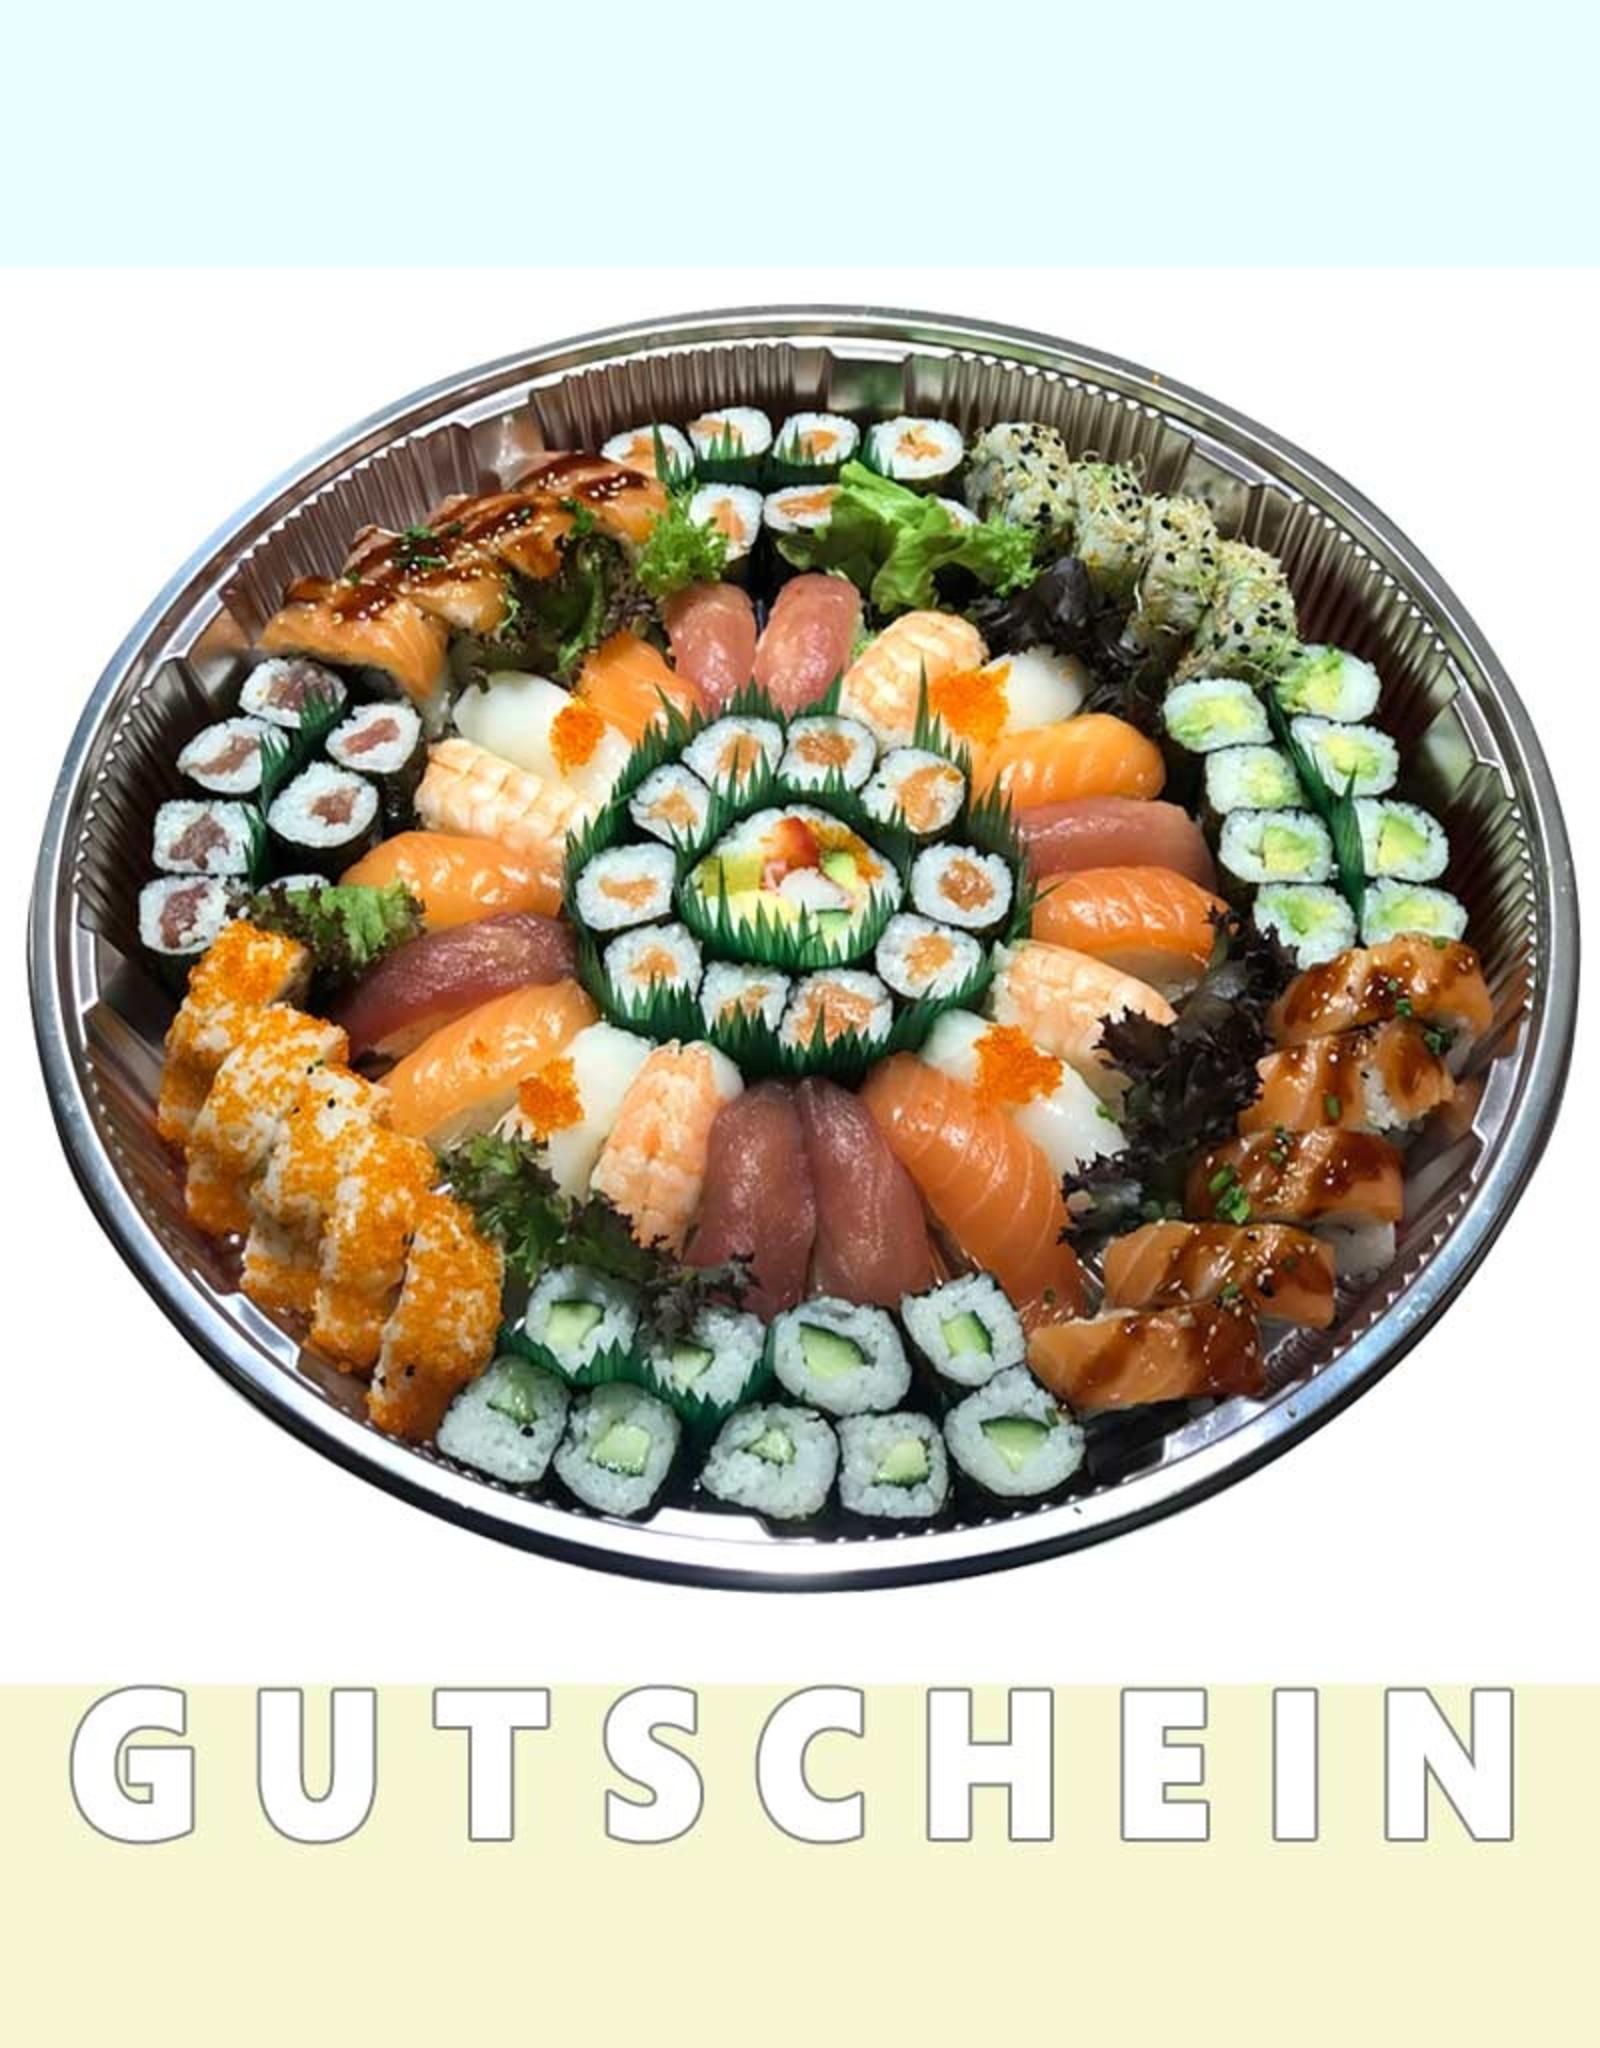 Gutschein für Momo & Sushi Abend-Buffet